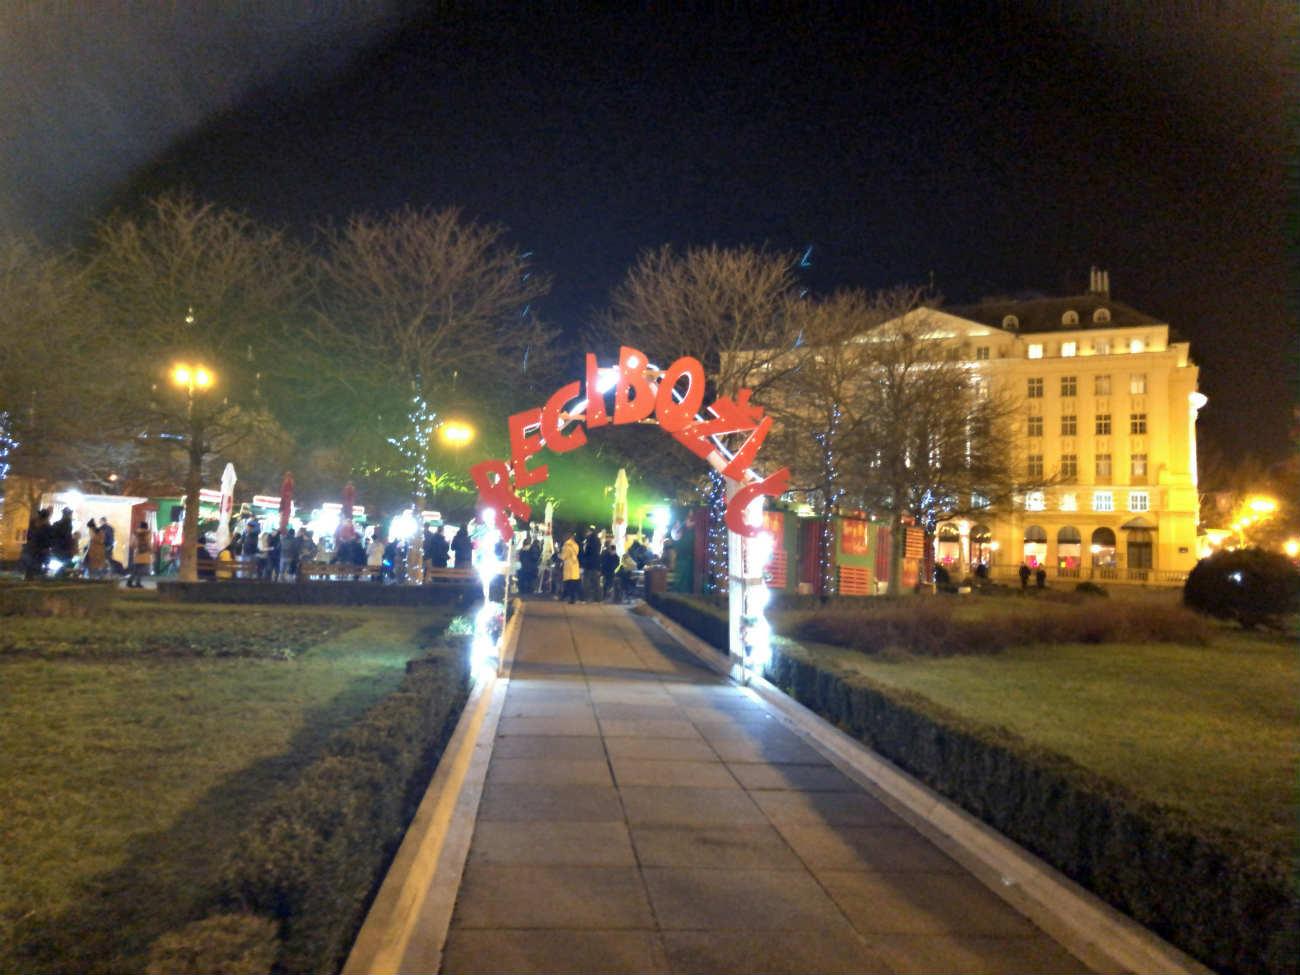 エスプレネーデホテル と公園